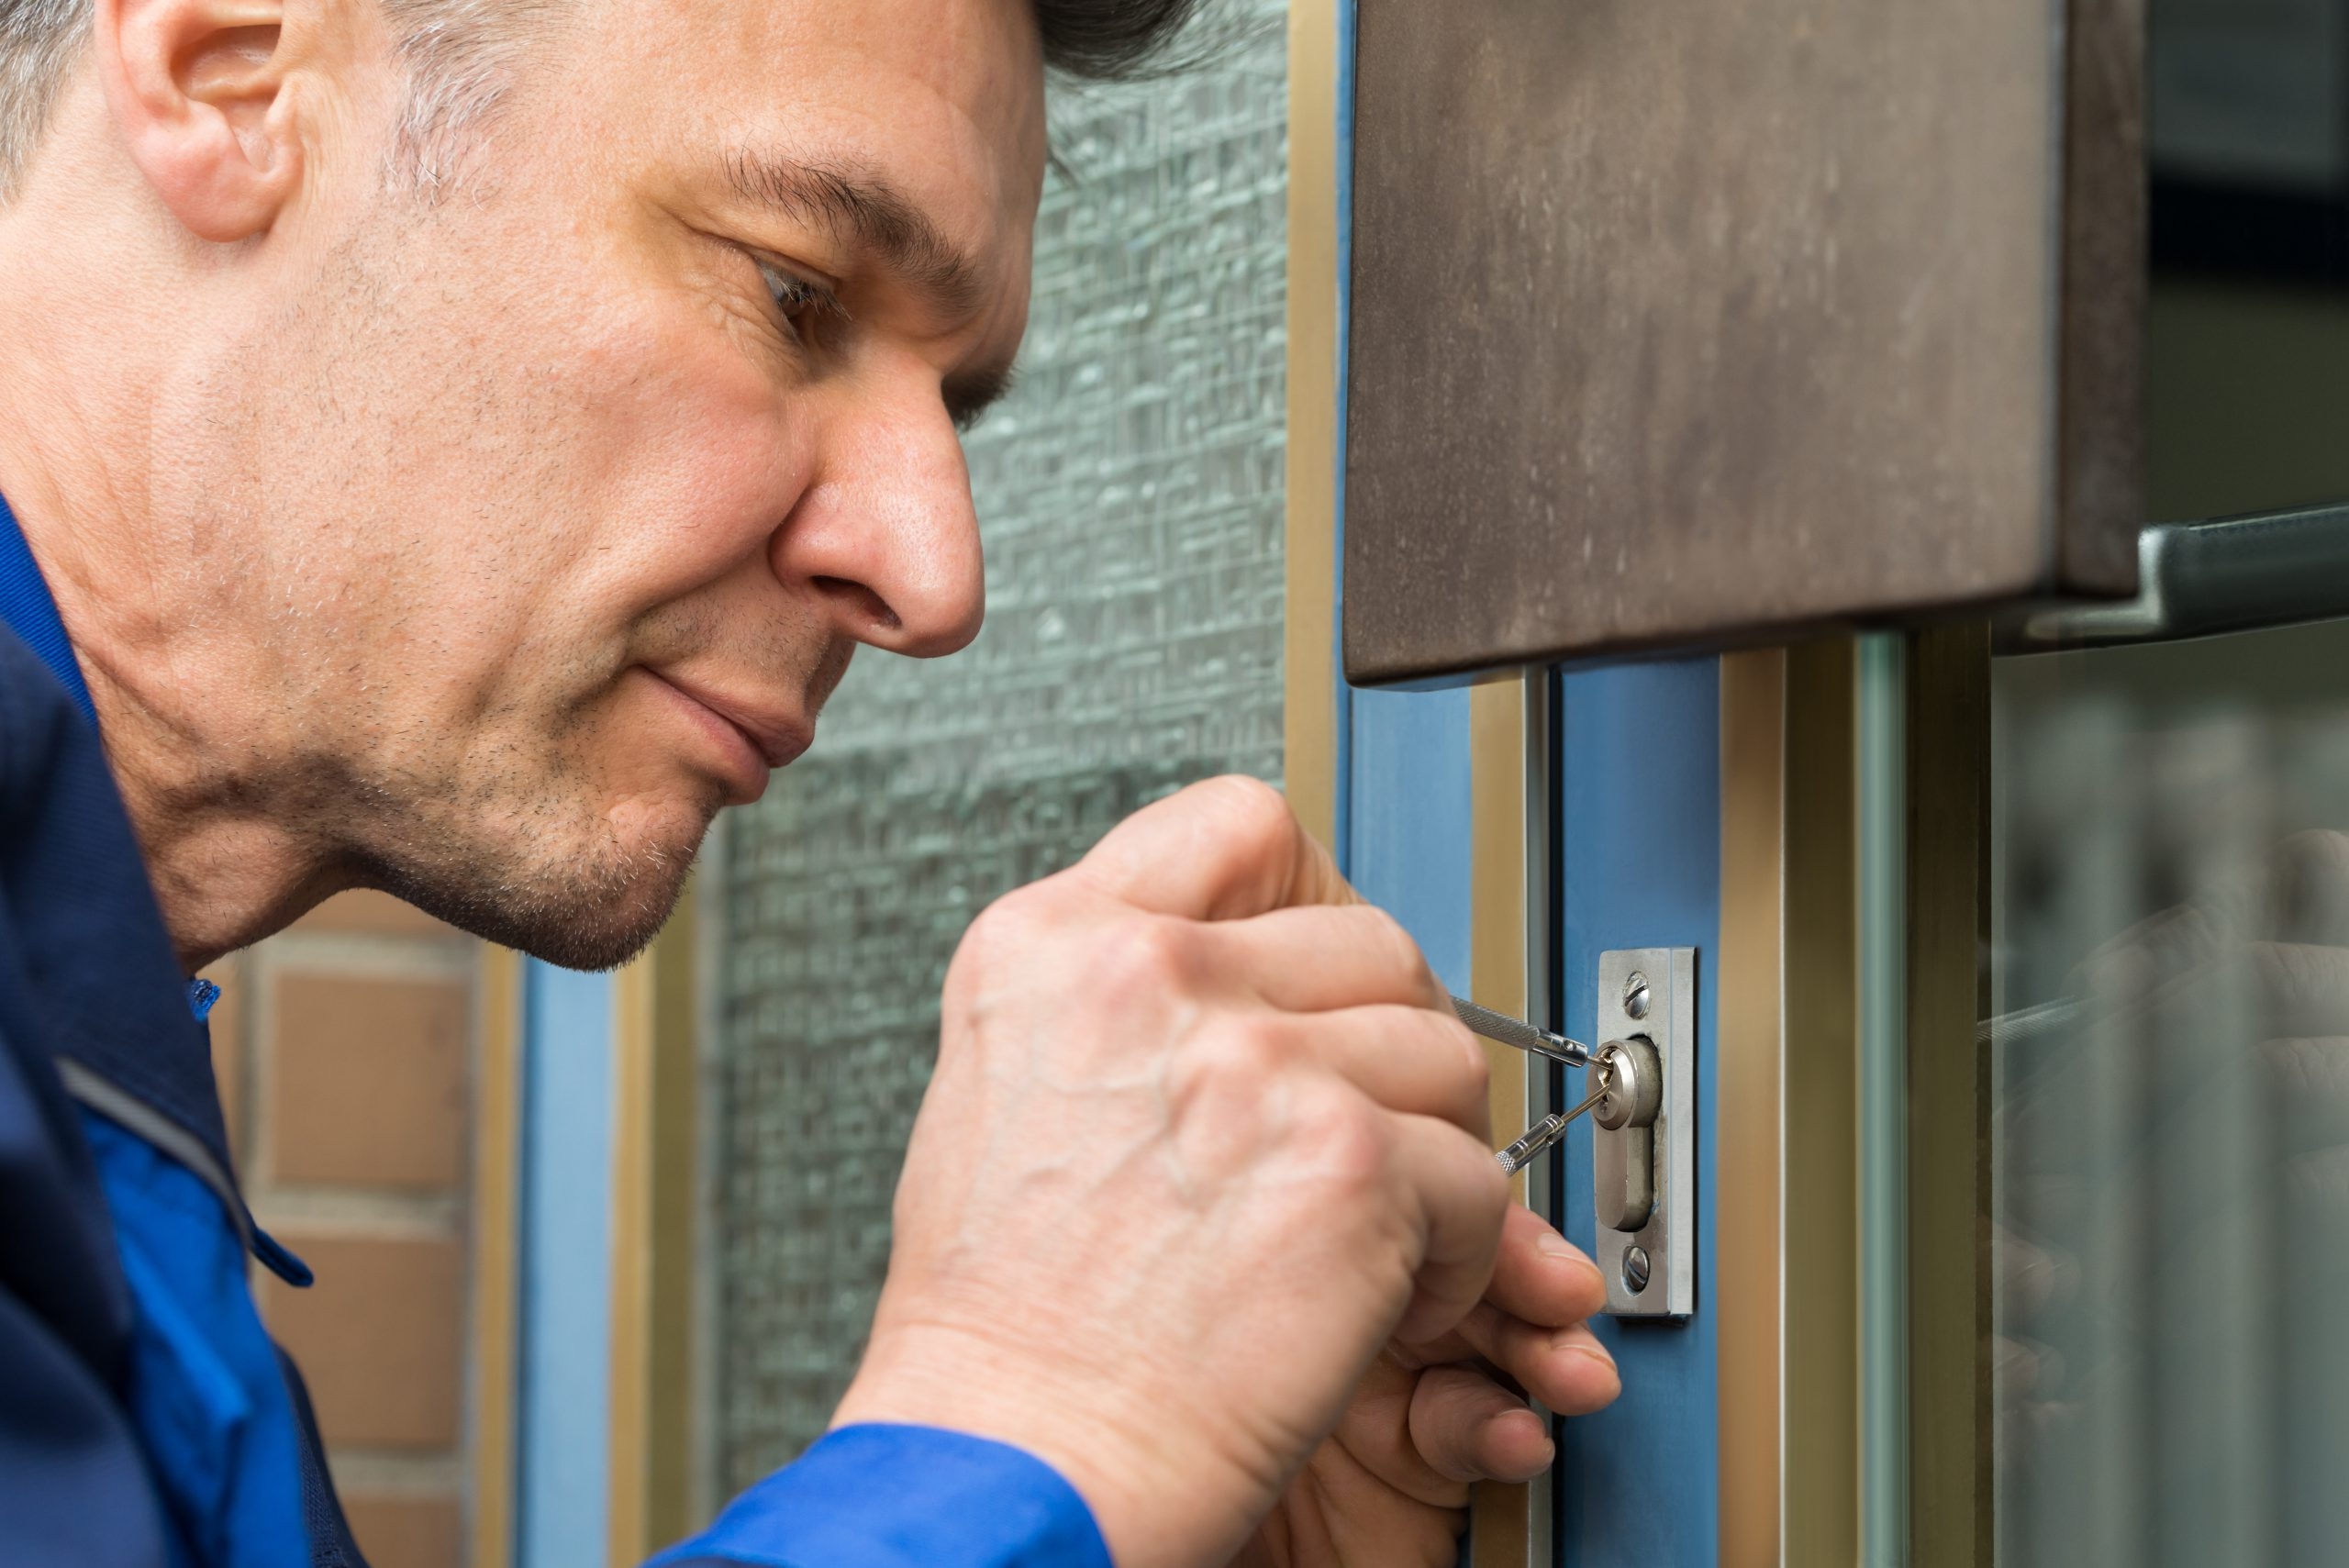 Zahlt die private Haftplichtversicherung den Schlüsseldienst?